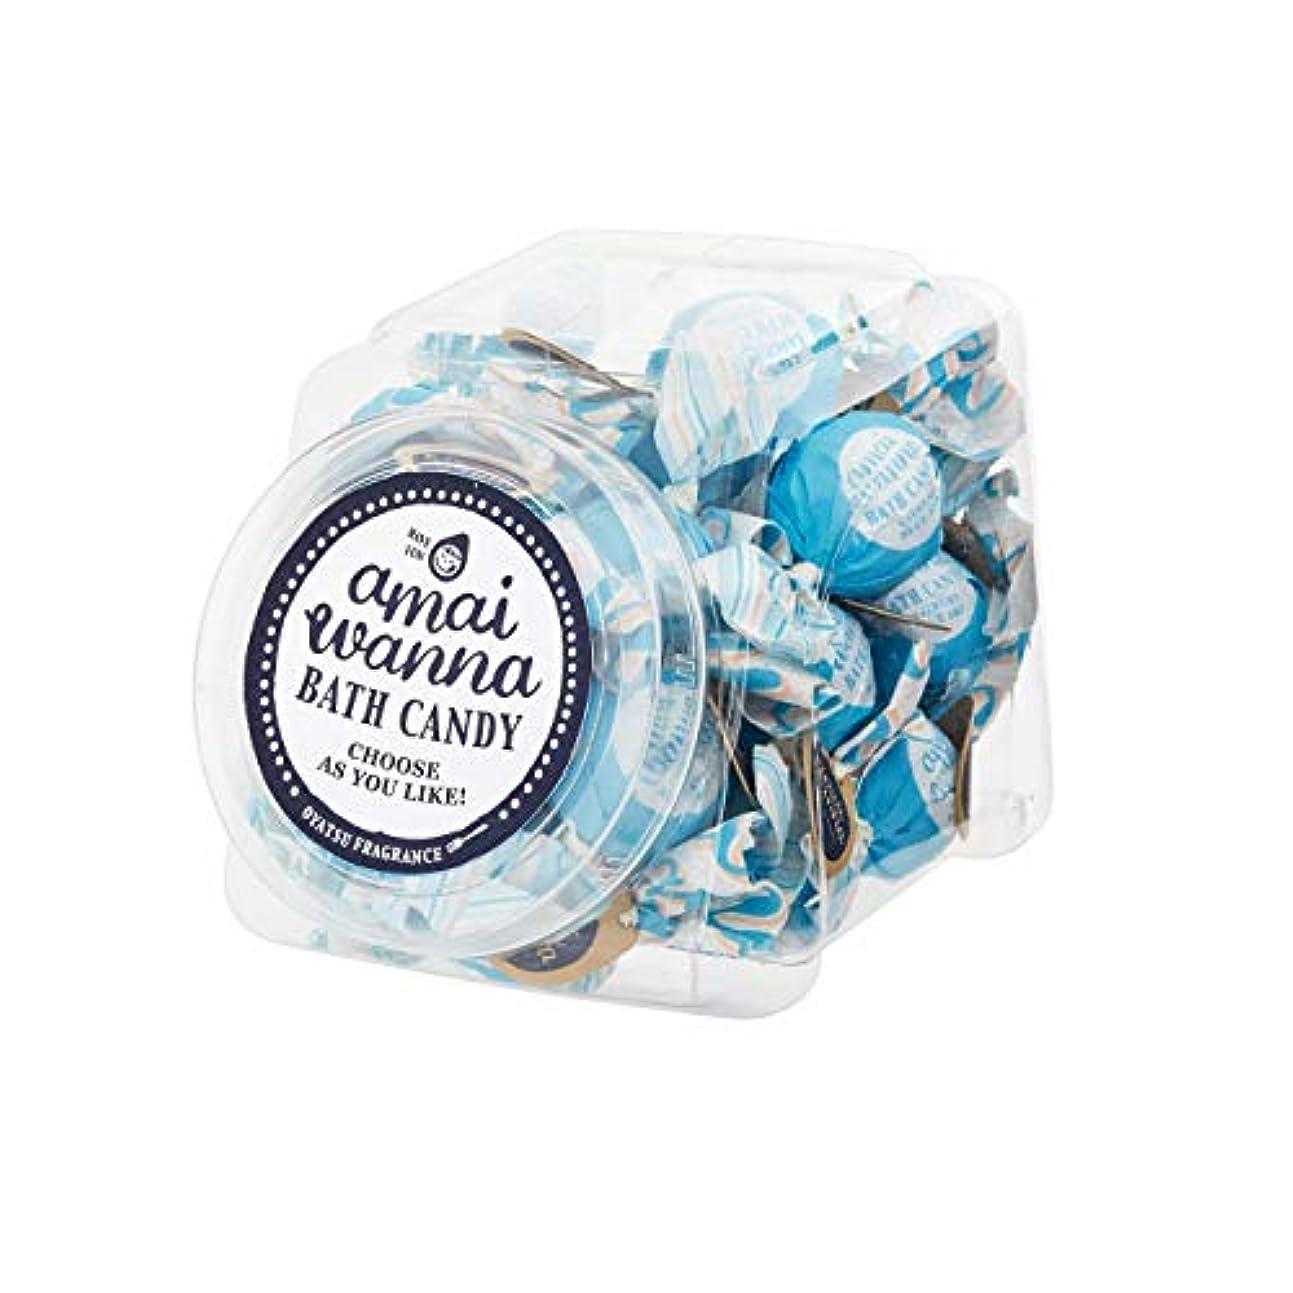 ツイン休日に天皇アマイワナSP バスキャンディーポットセット24粒入り(青空シトラス バスギフト キャンディーの形の入浴料 大人可愛い)